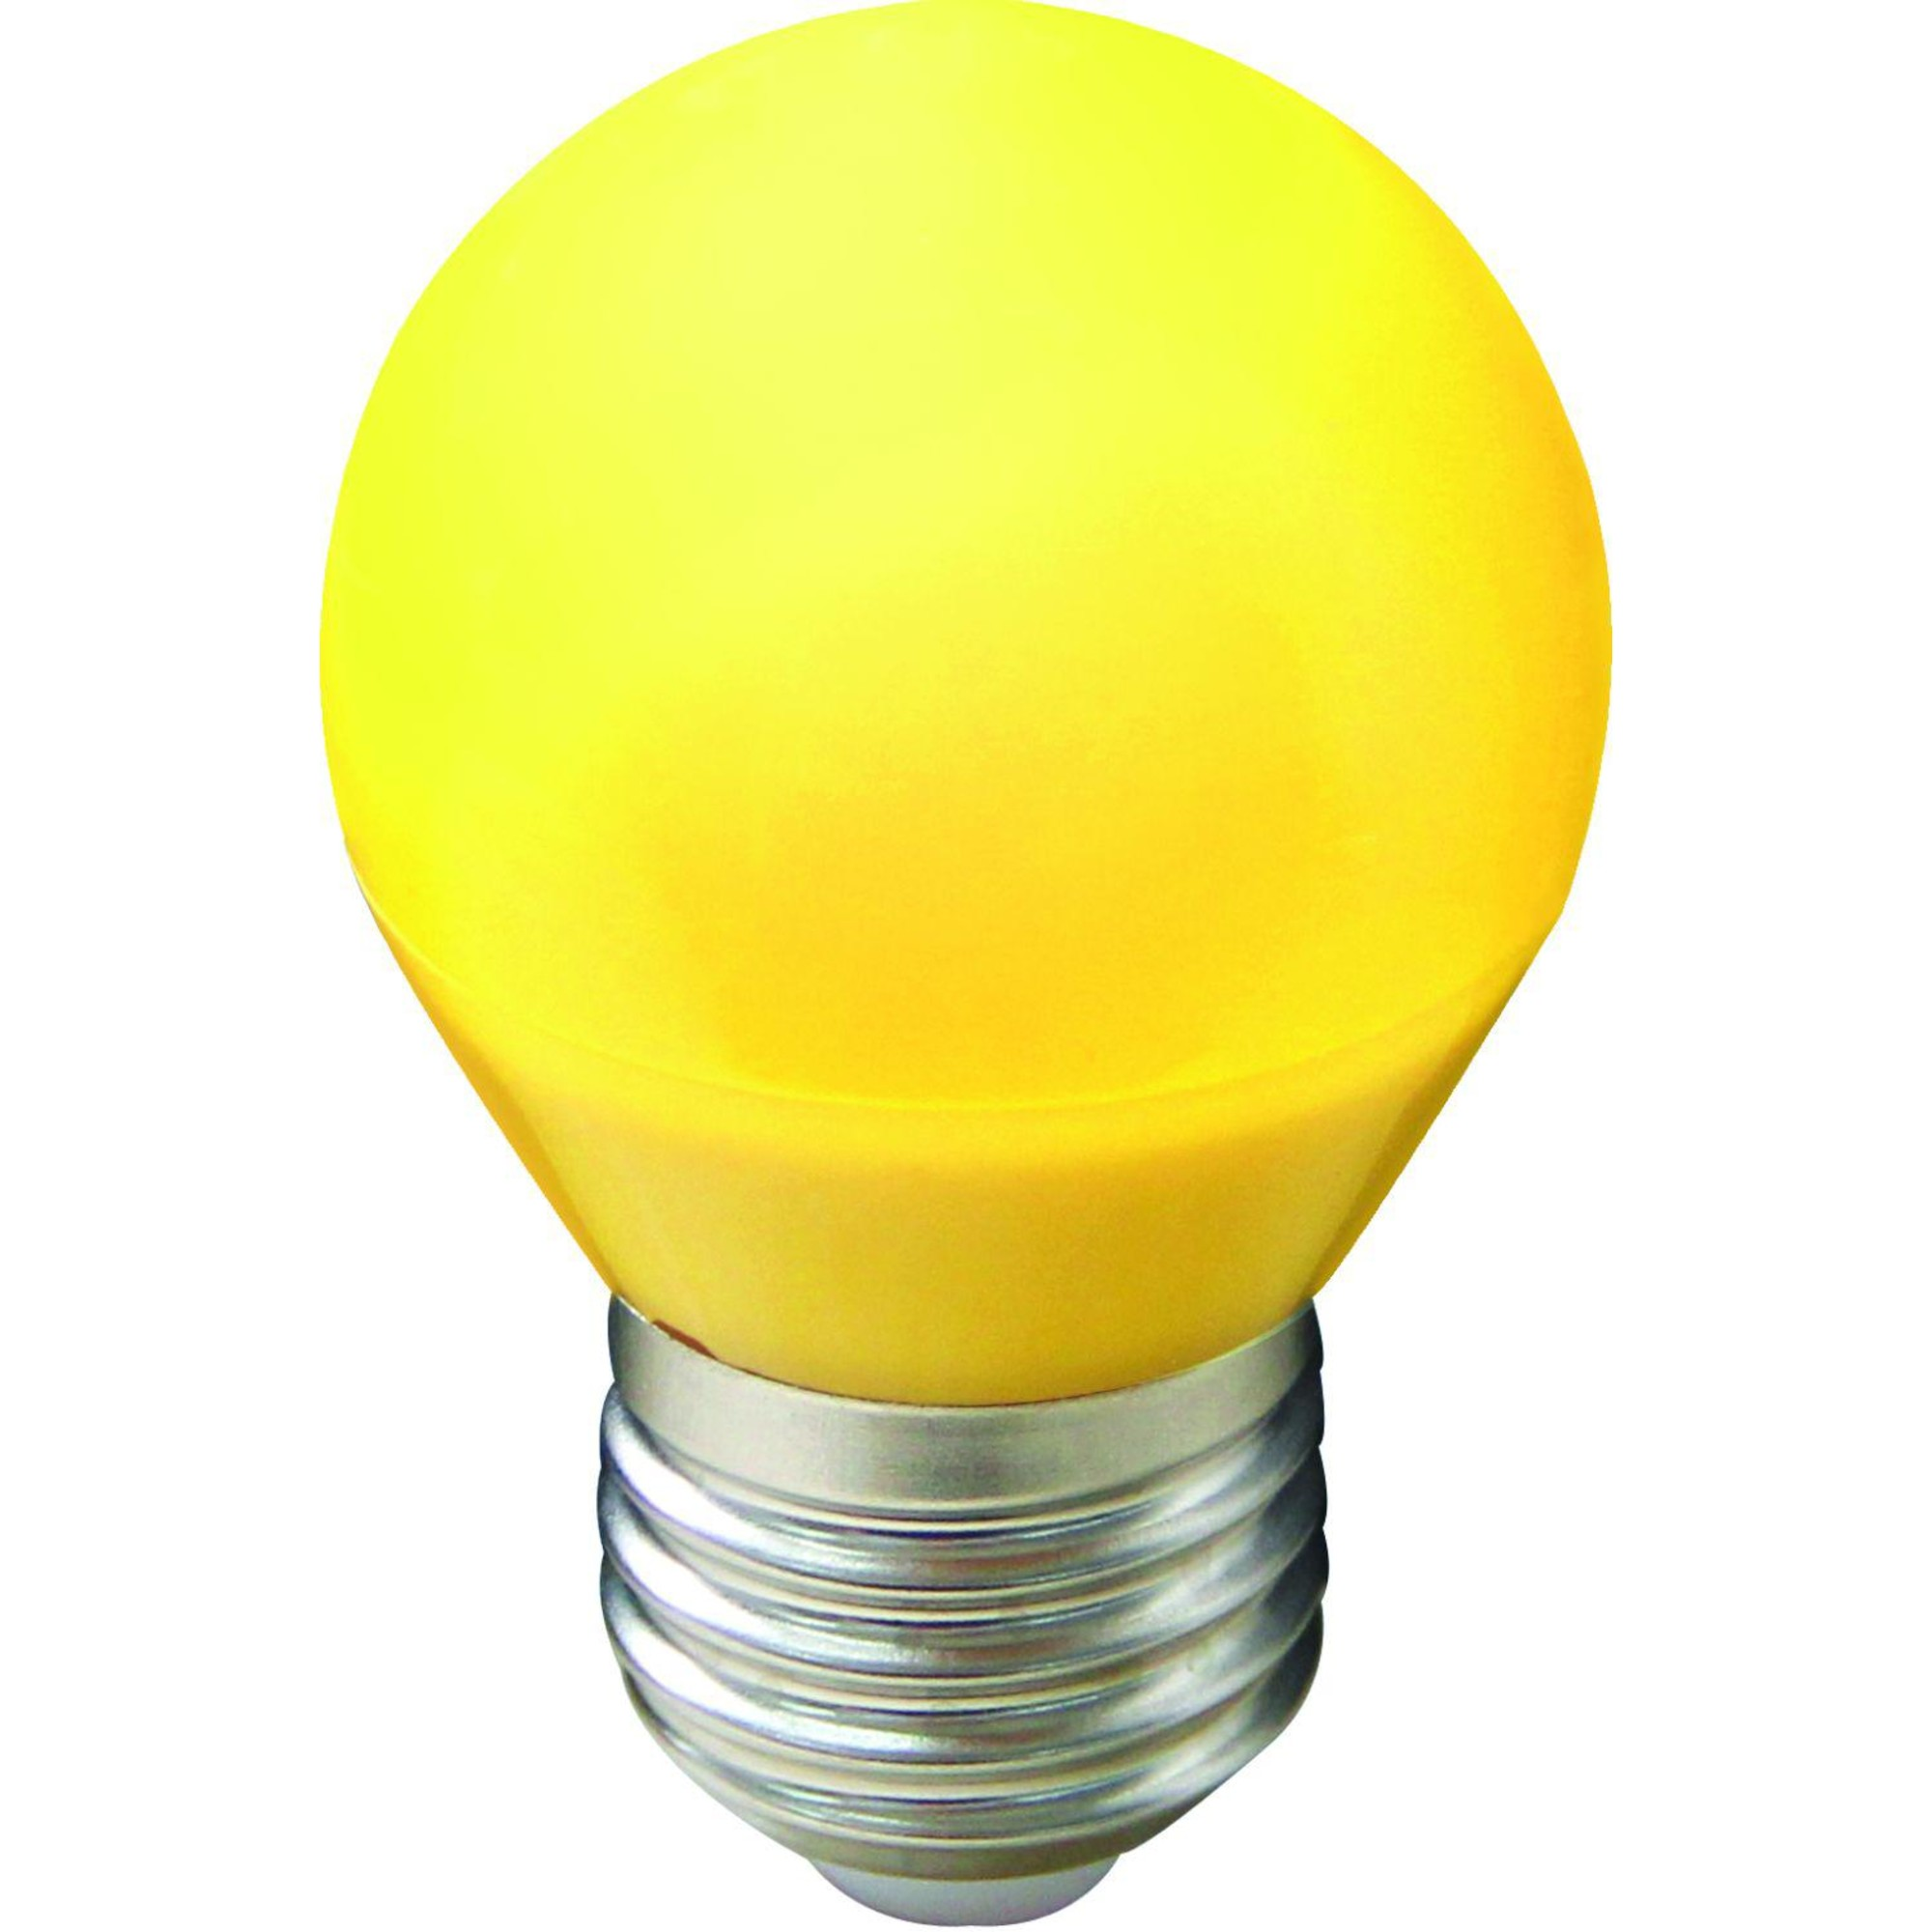 Лампа Ecola стандарт светодионая E27 5 Вт шар Лм теплый свет